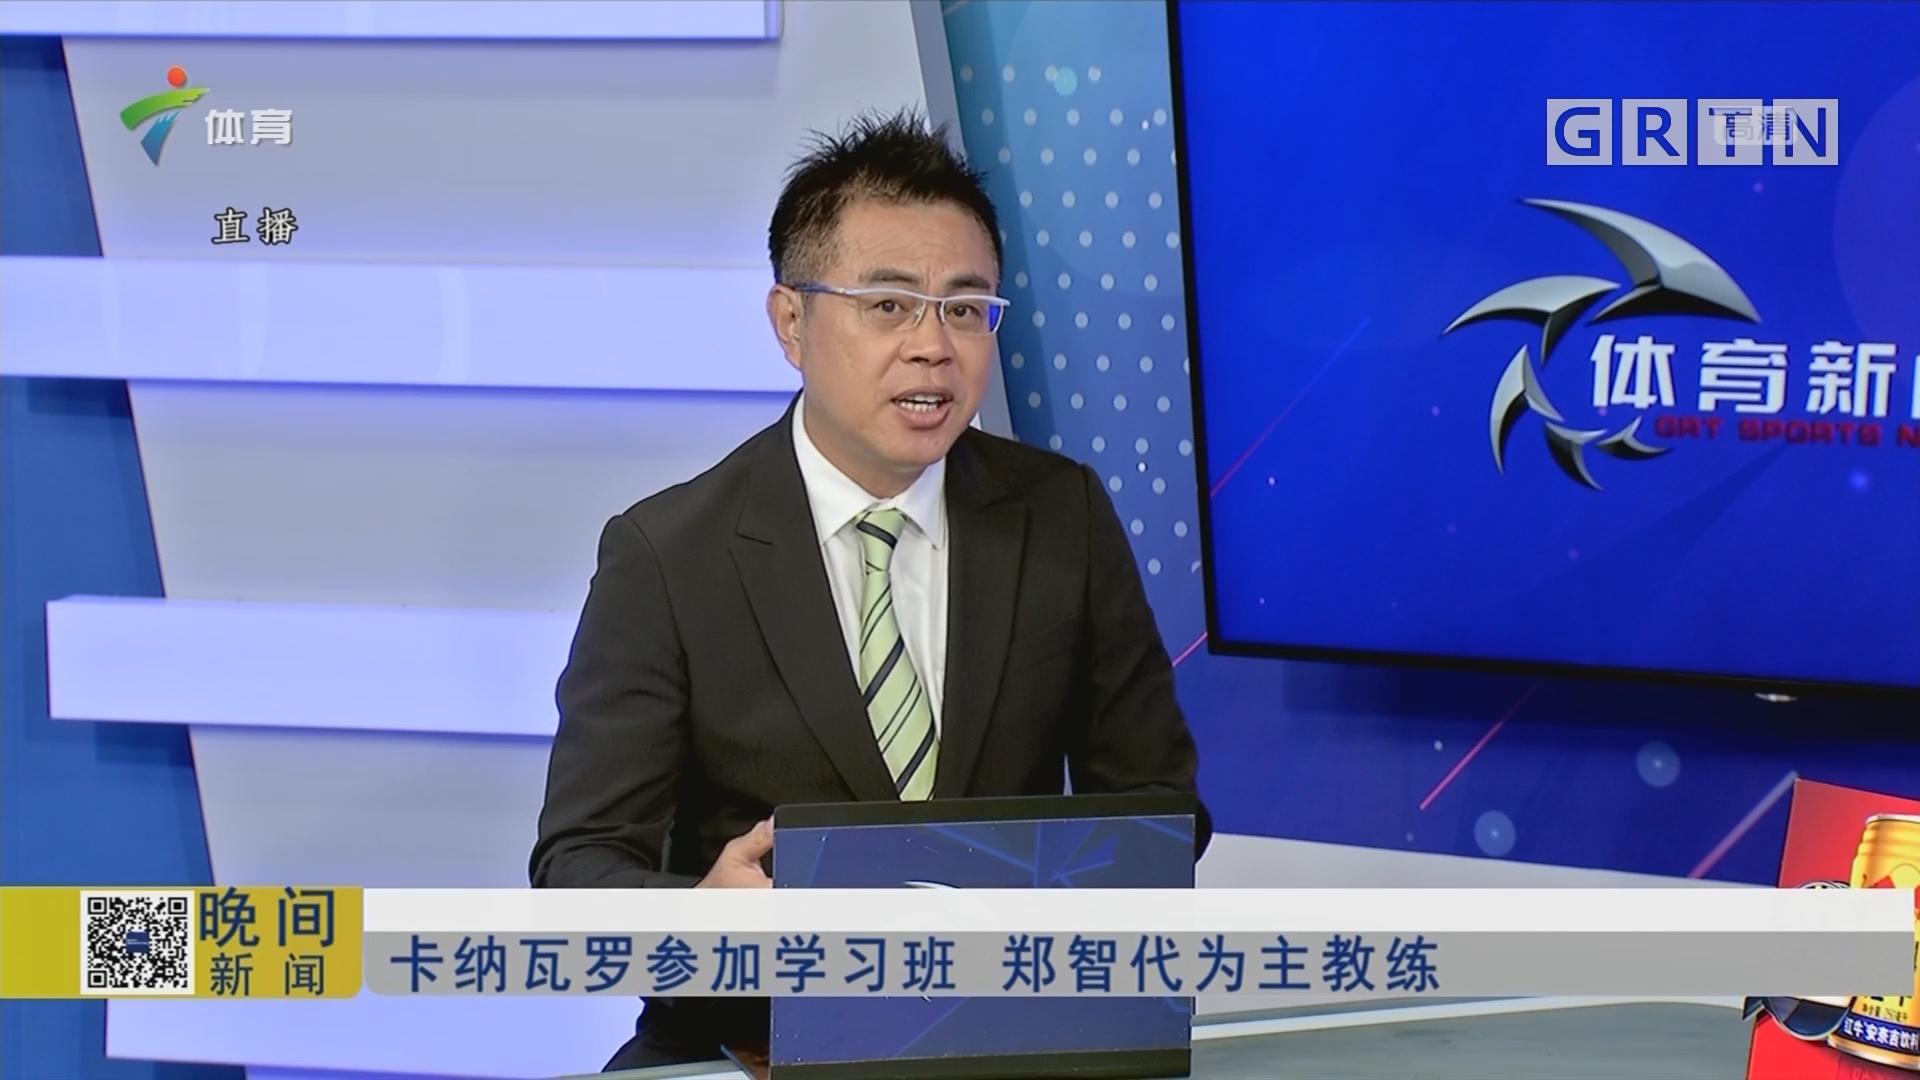 卡纳瓦罗参加学习班 郑智代为主教练